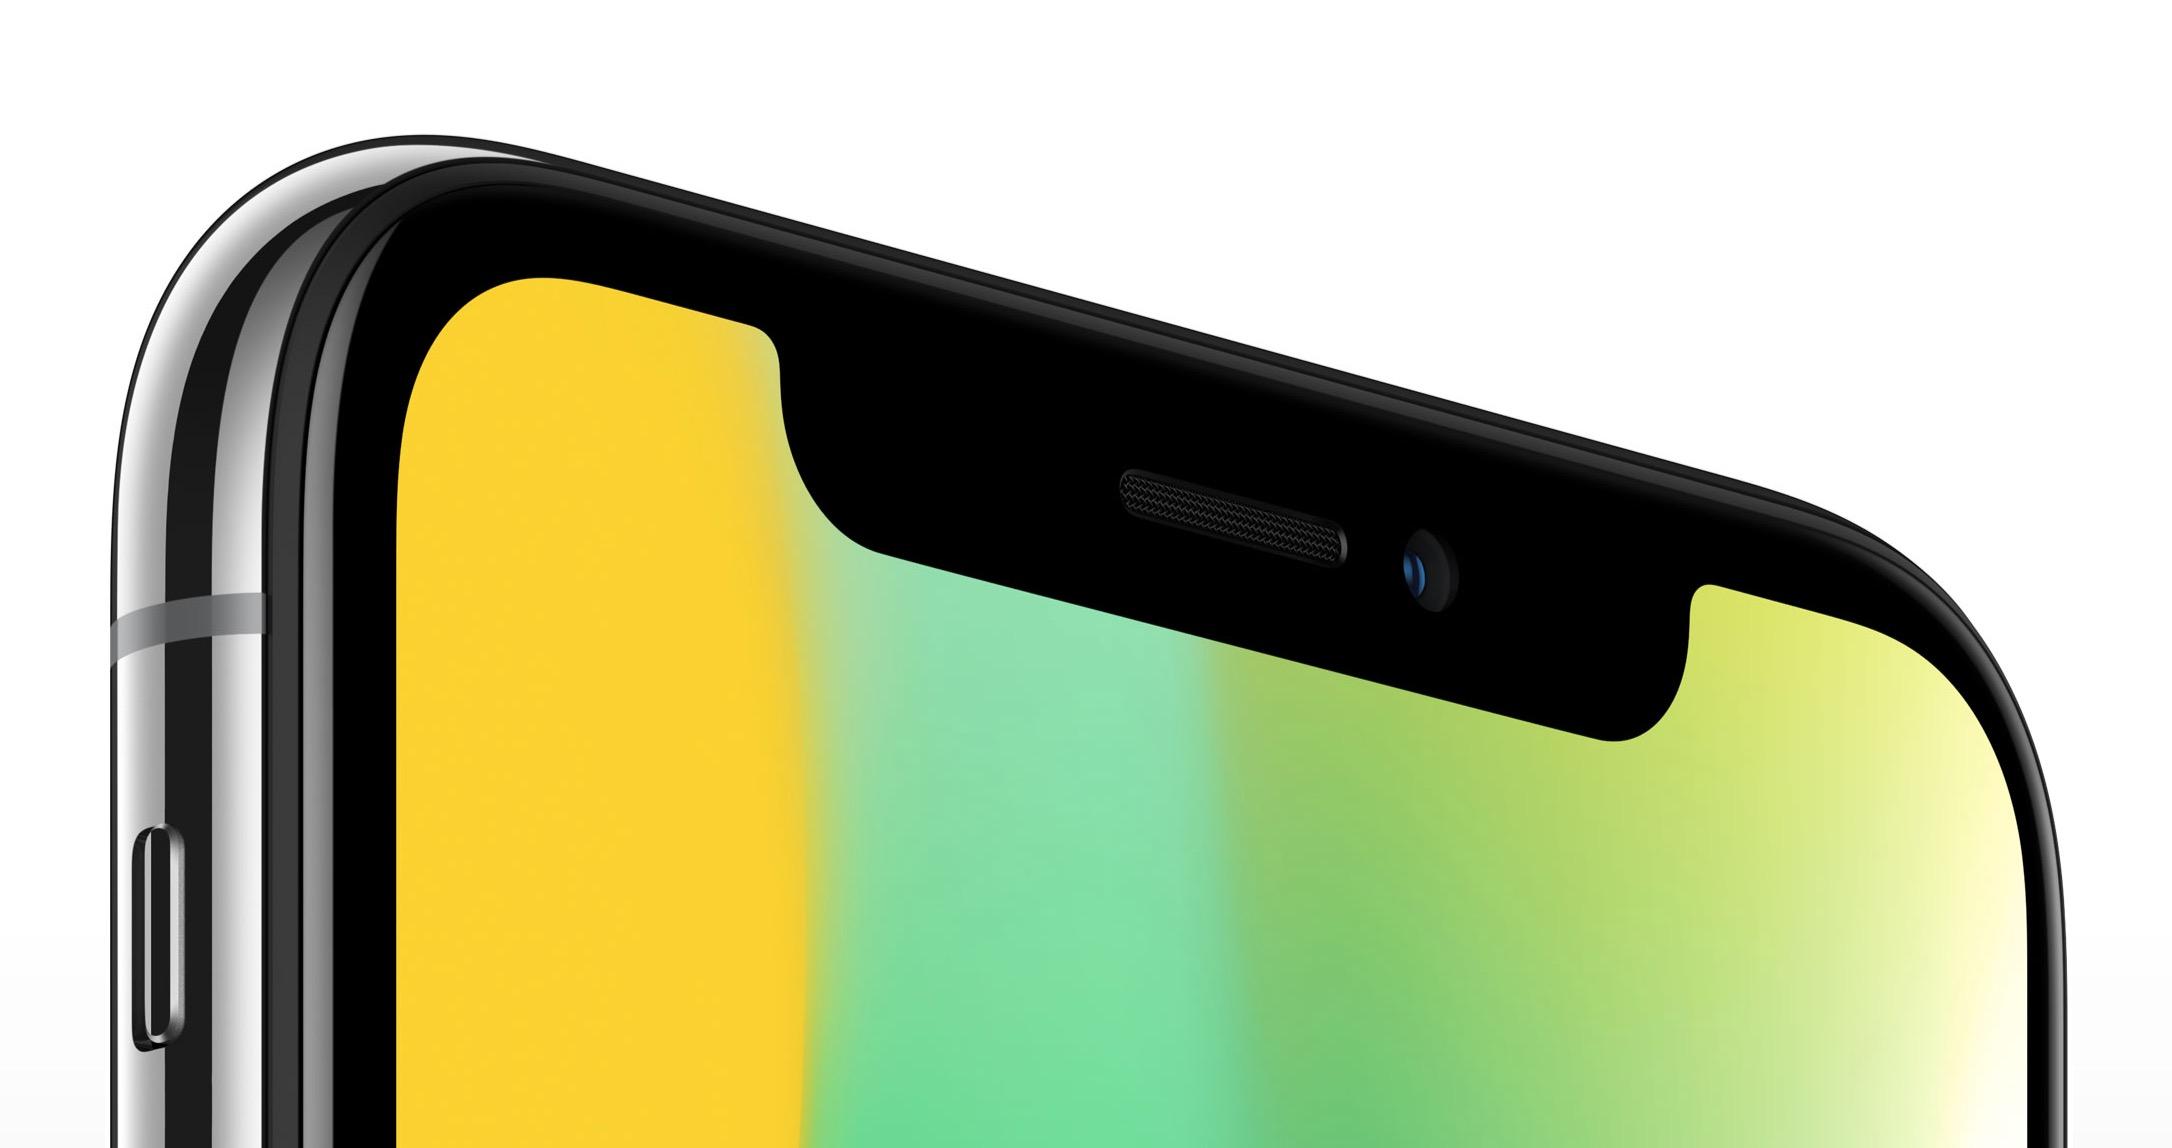 iPhone X prezzo troppo alto